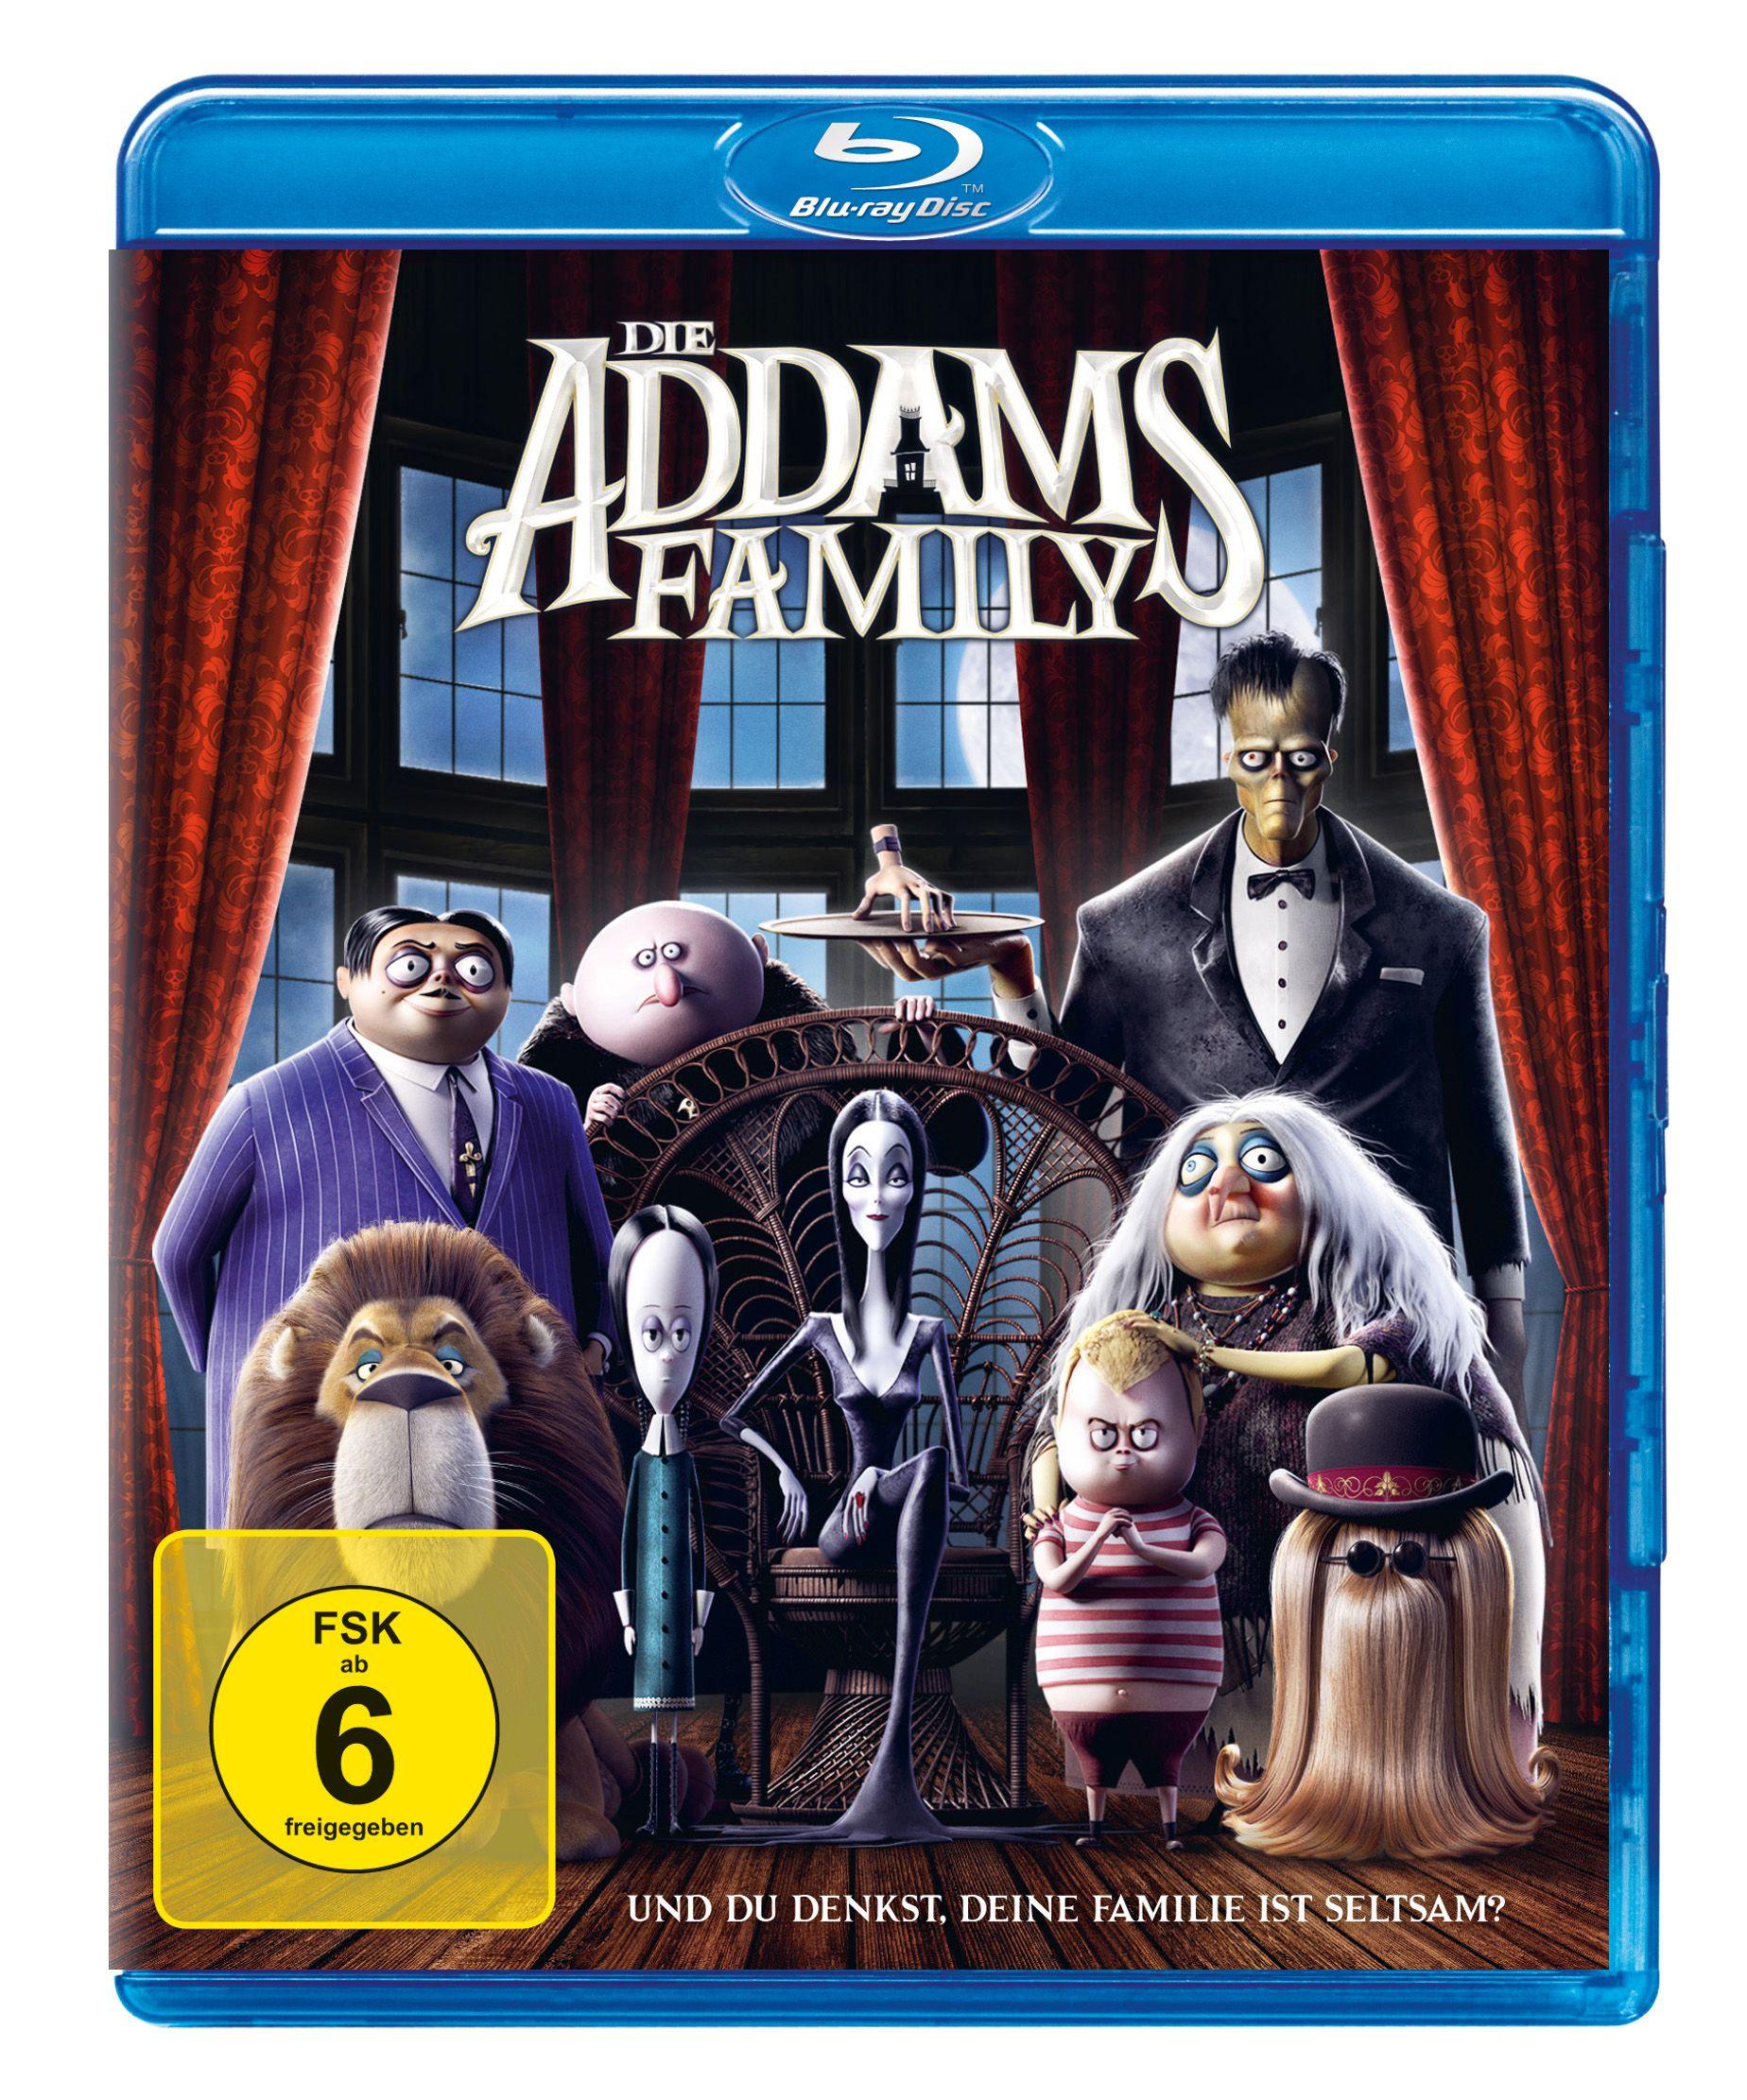 Familienfilm Filme Von 2012